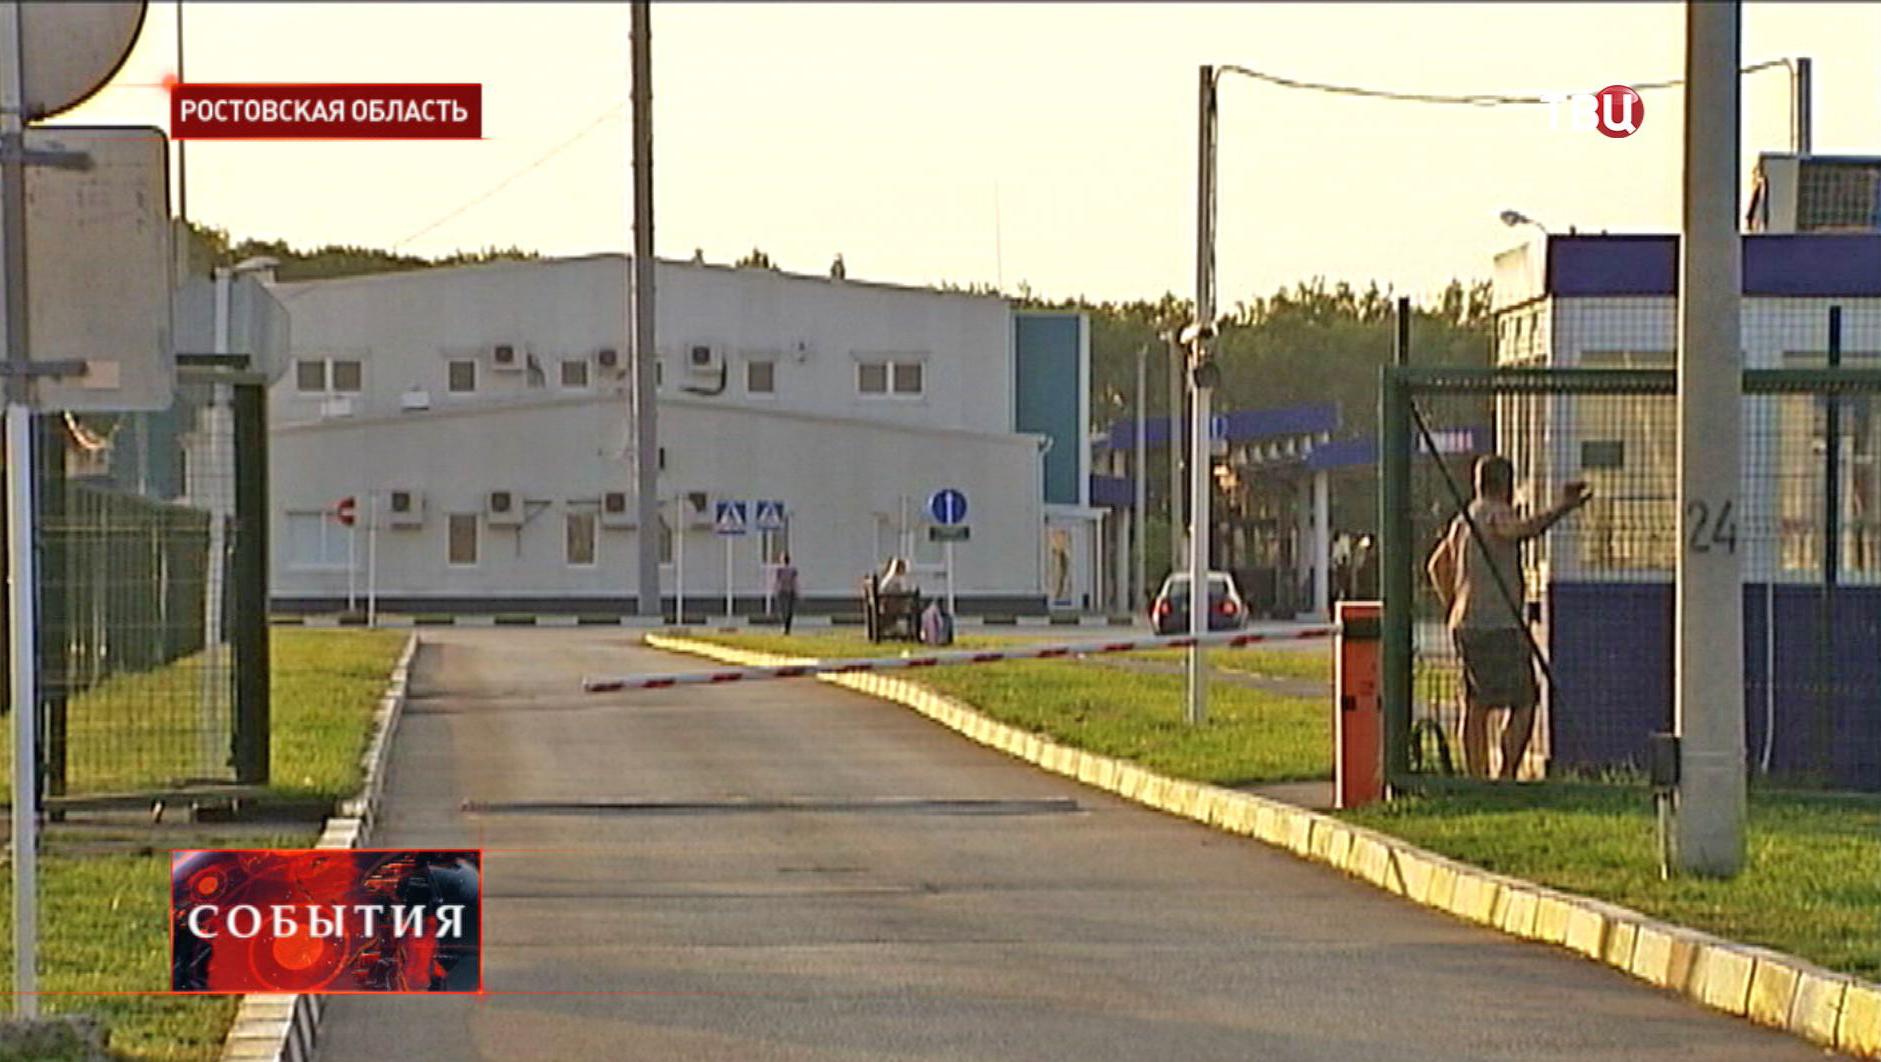 Пограничный пункт пропуска российско-украинской границы в Ростовской области